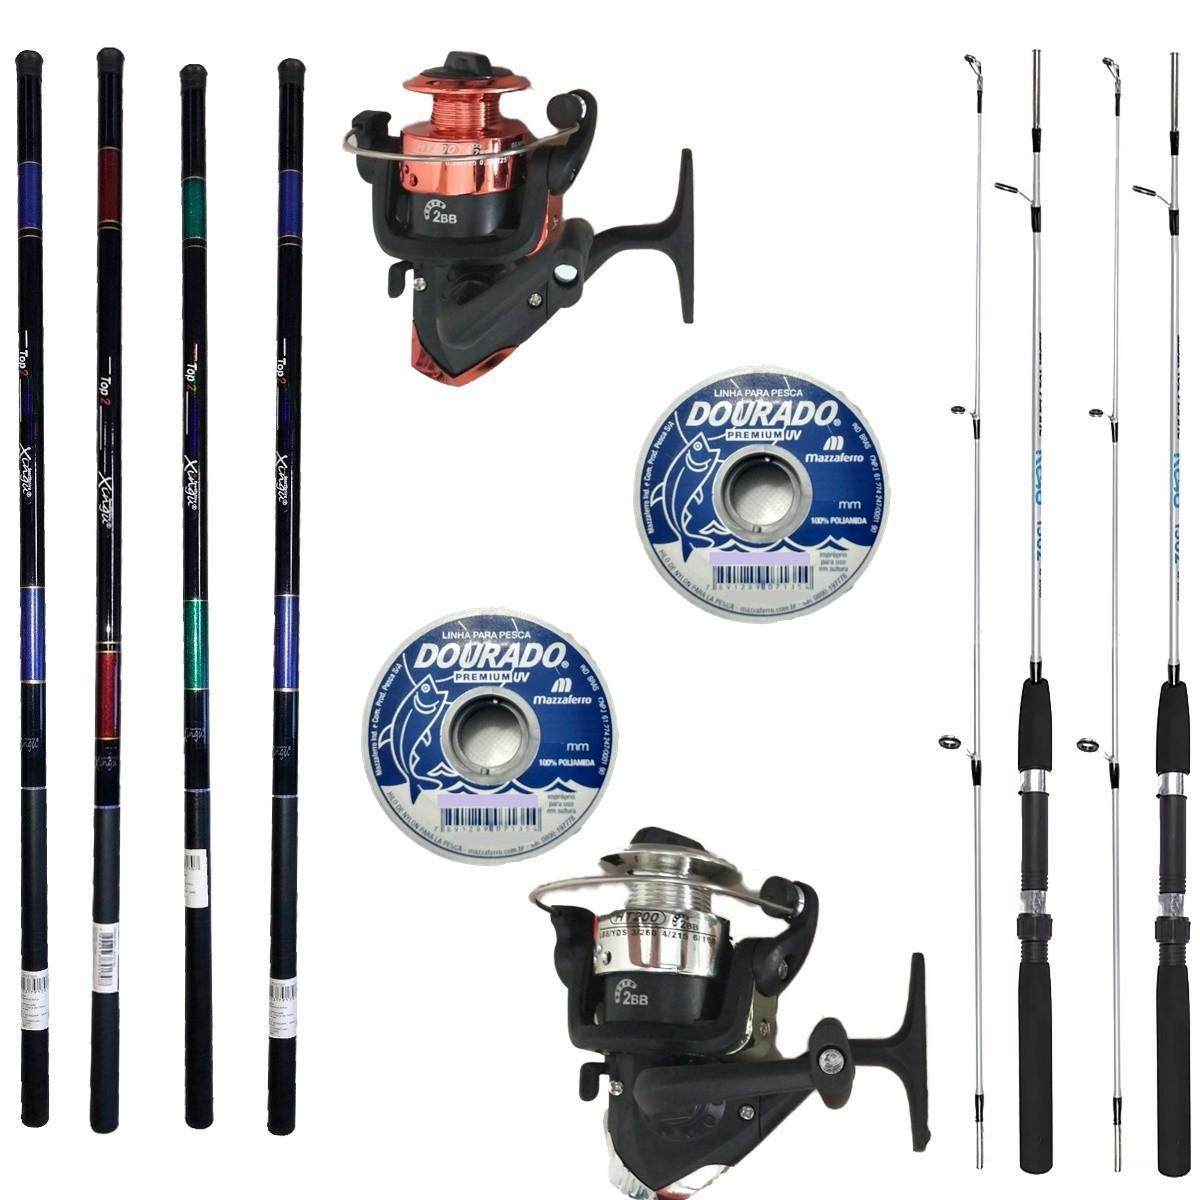 2 Vara De Pesca Completa 2 Molinete 4 Varas Telescopicas